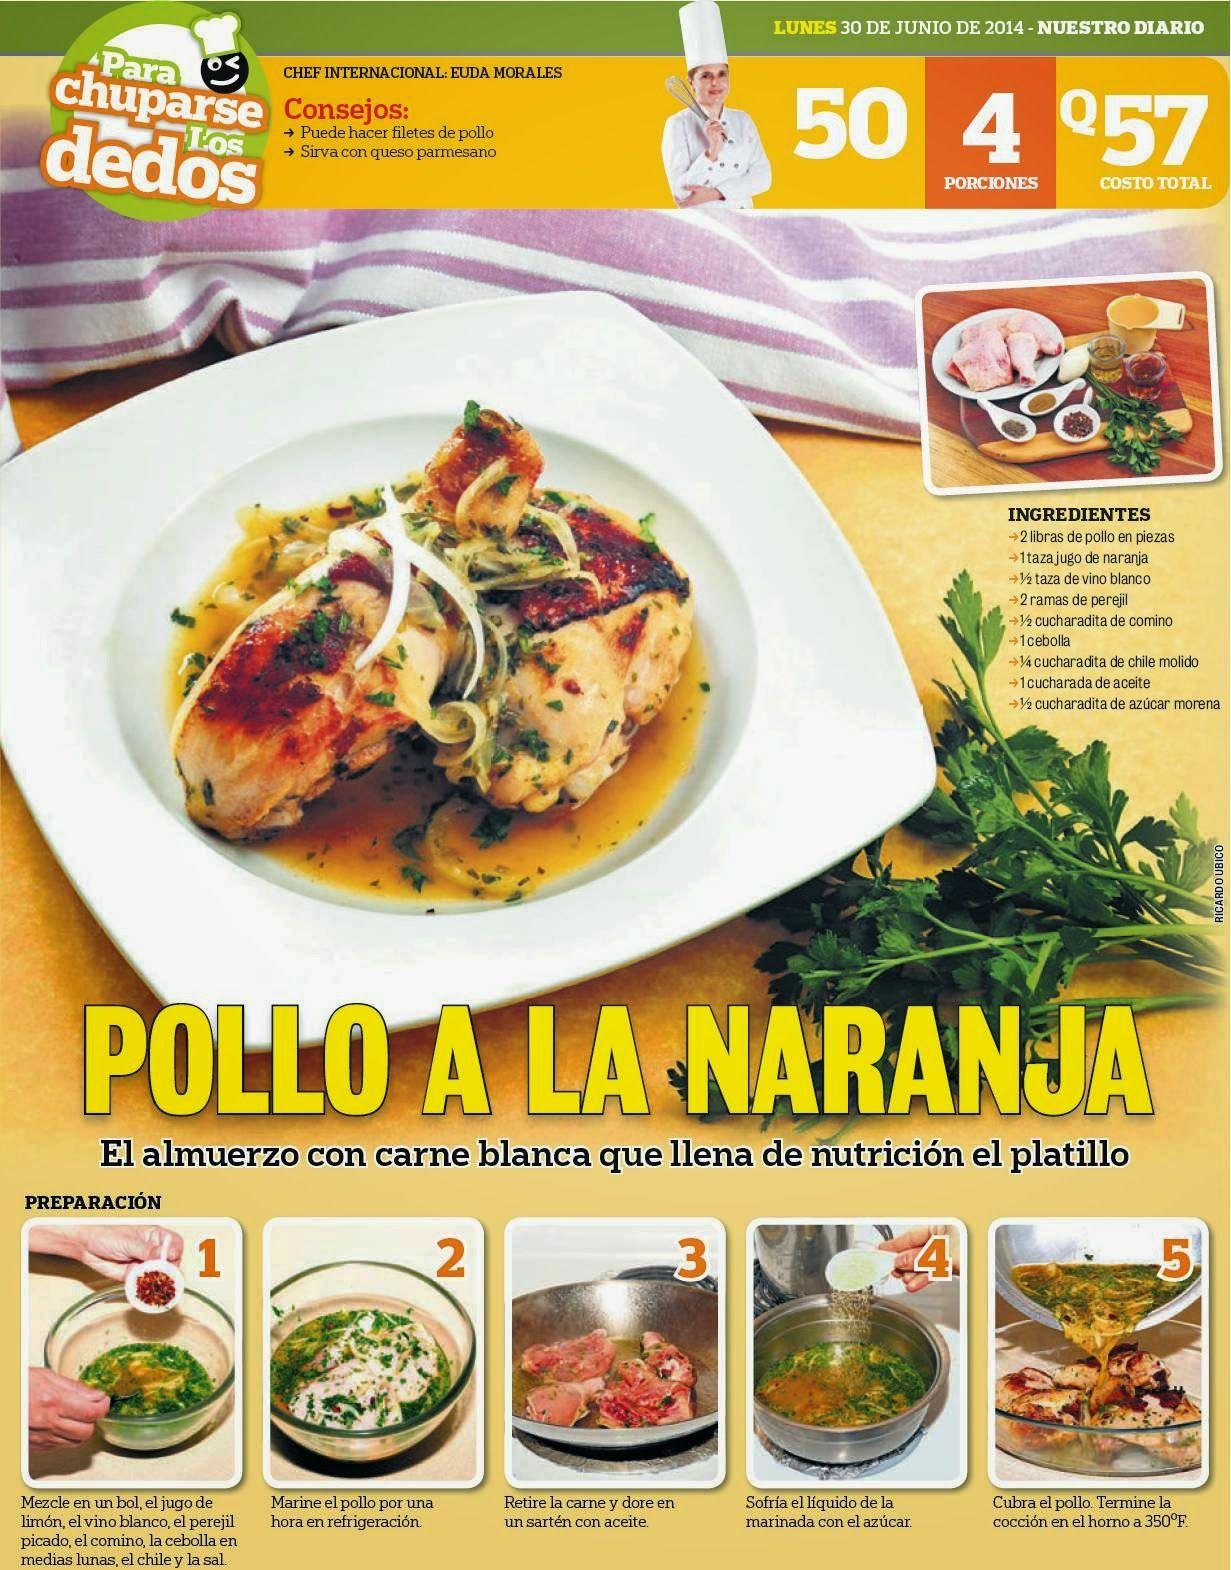 Cocinas y recetas pollo a la naranja guatemalan food recipes cocinas y recetas pollo a la naranja forumfinder Images